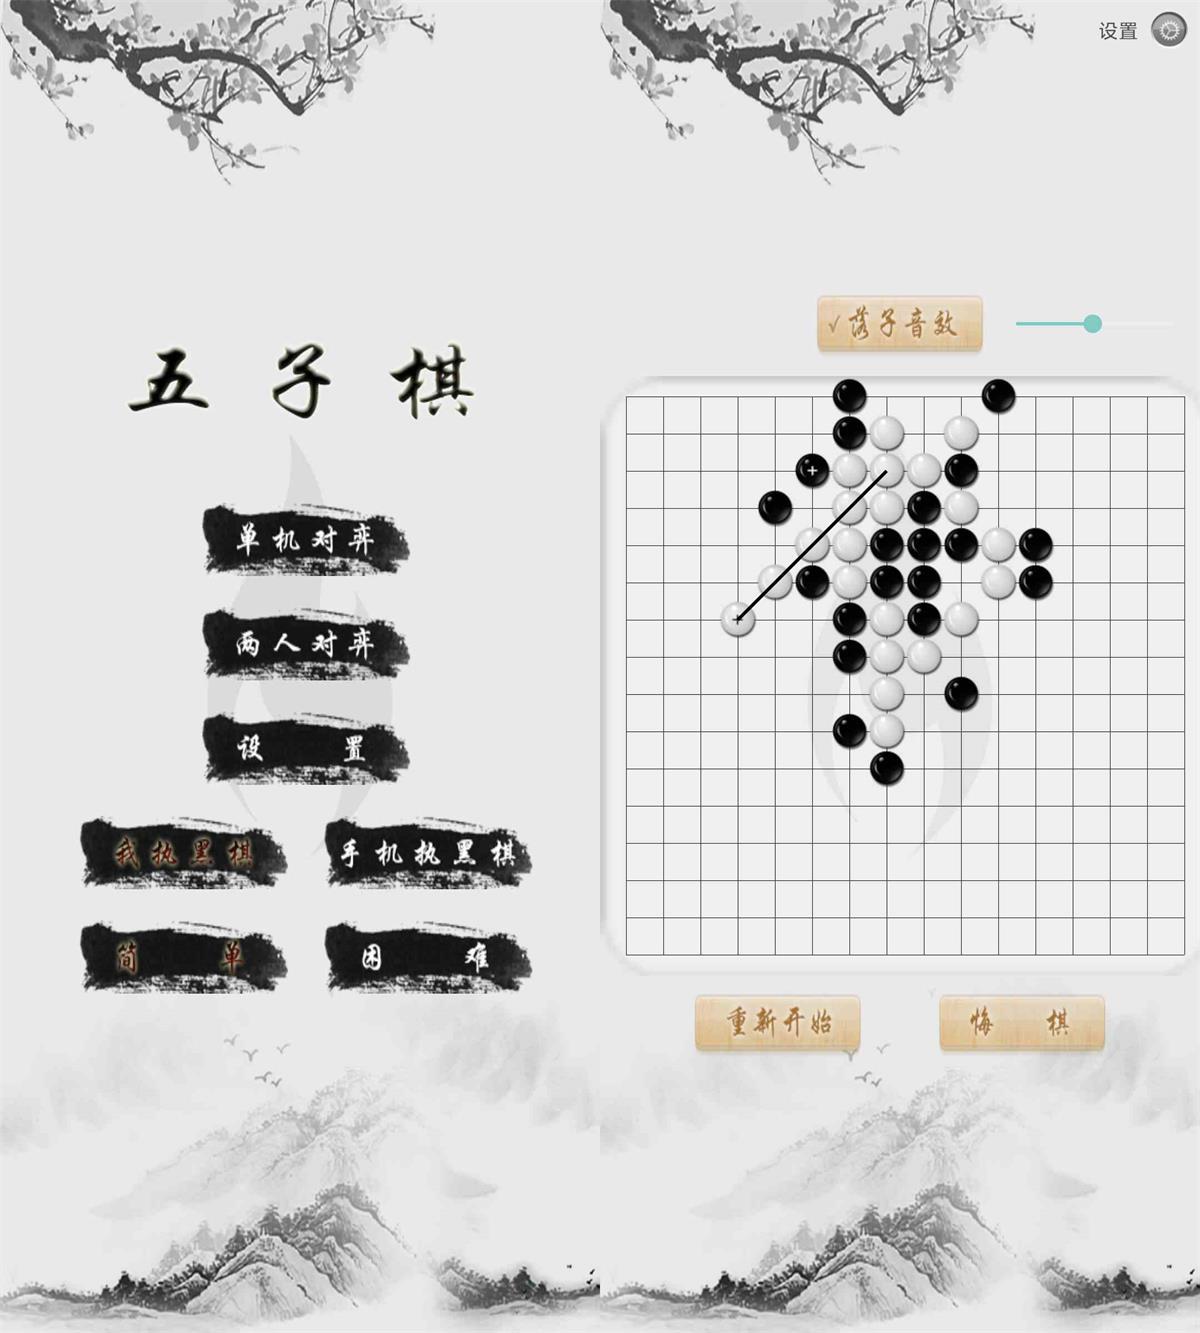 经典对战游戏 五子棋-云奇网